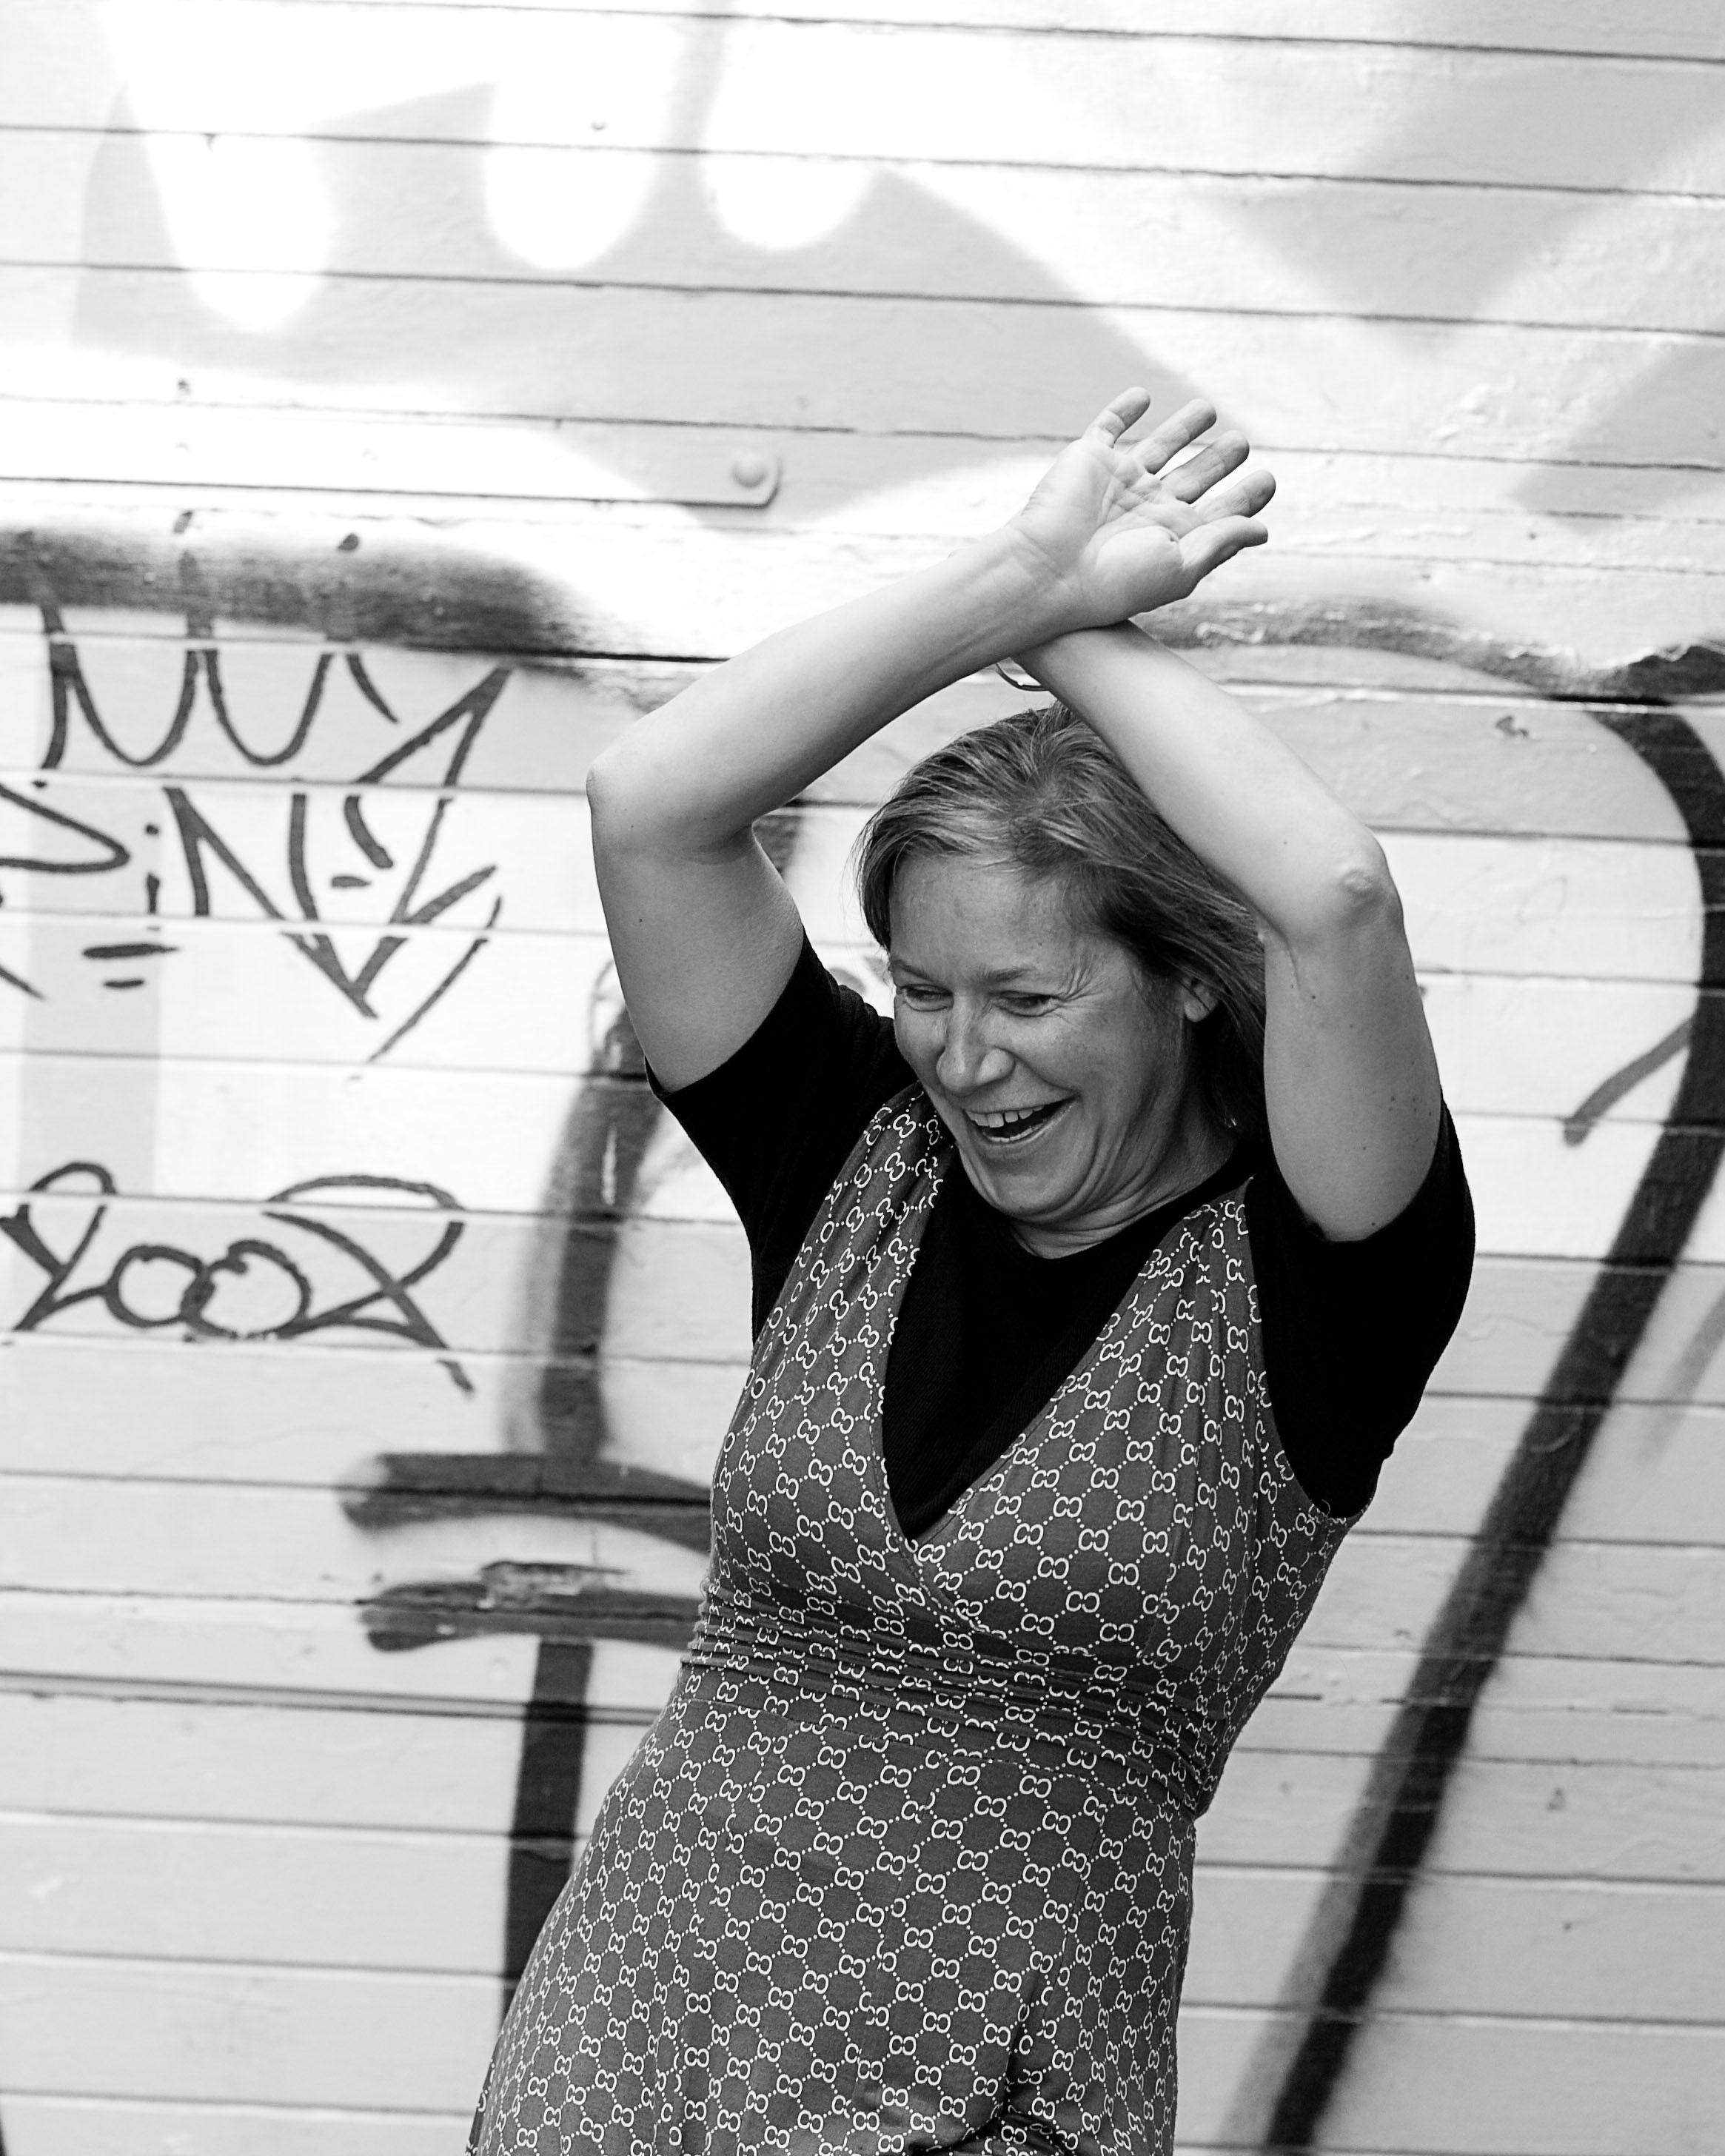 Birgitte-Skands-Fotograf-Joshua-Gross